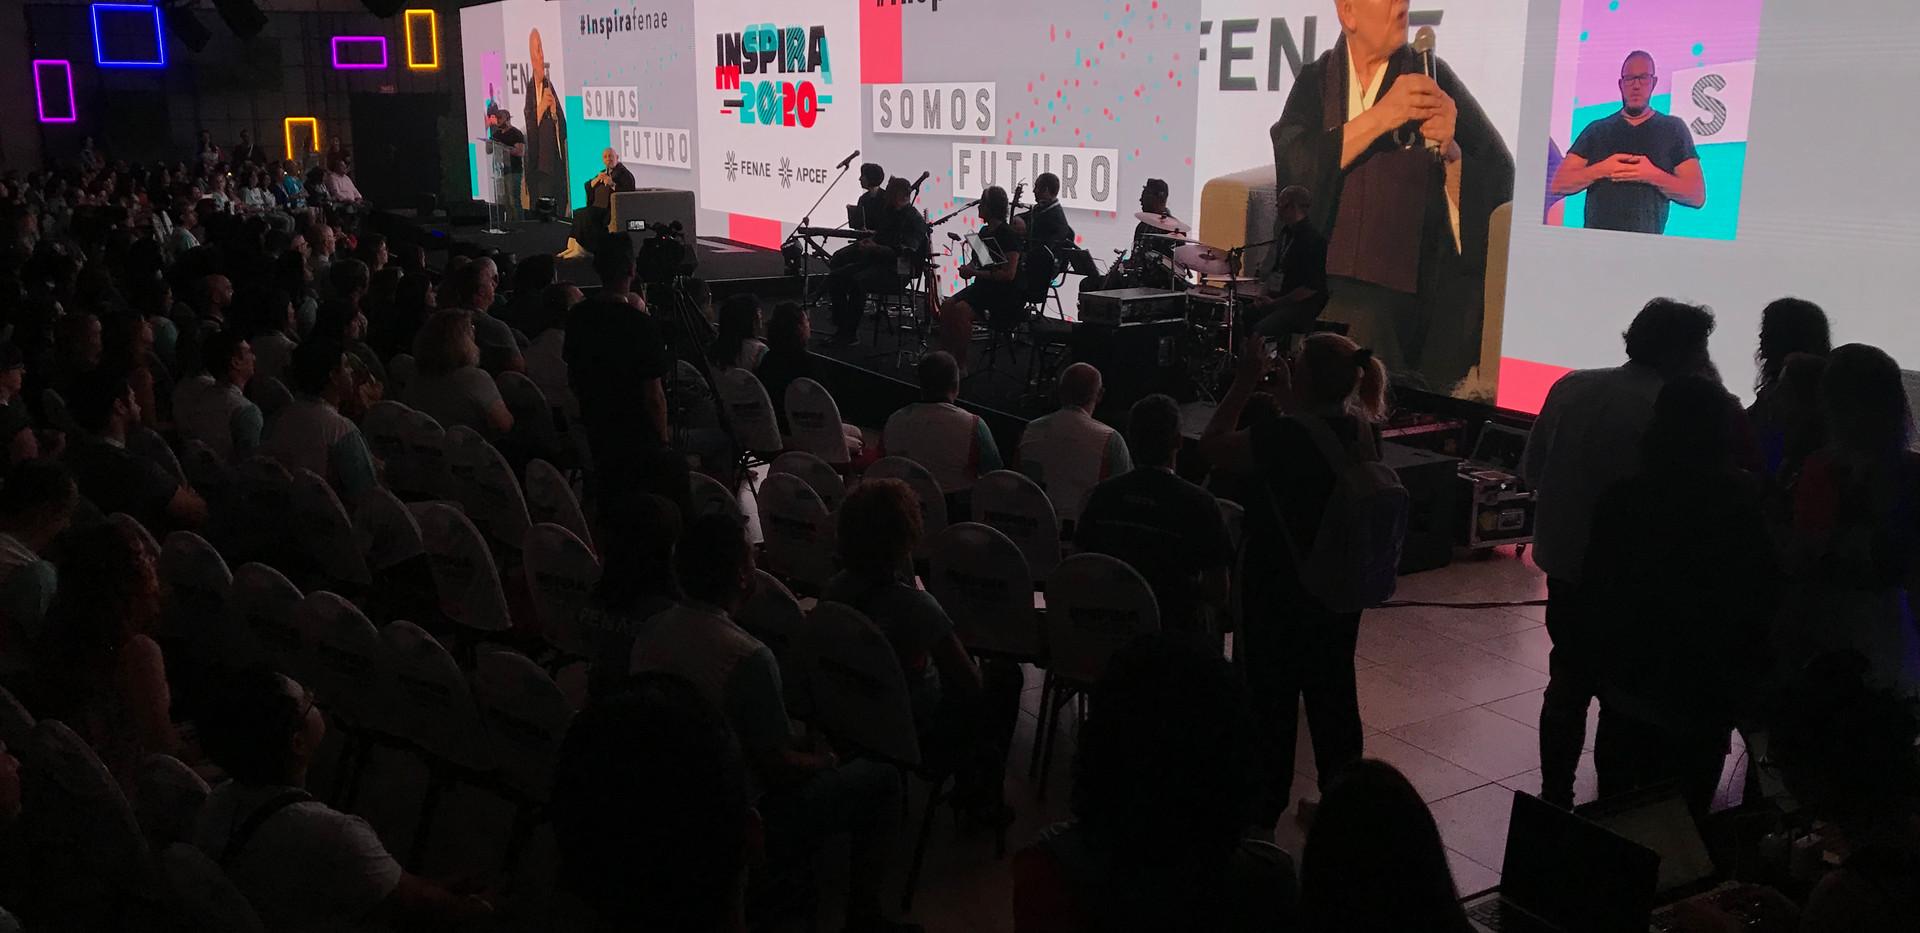 Evento_Inspira_Fenae_2020_Monja_Coen